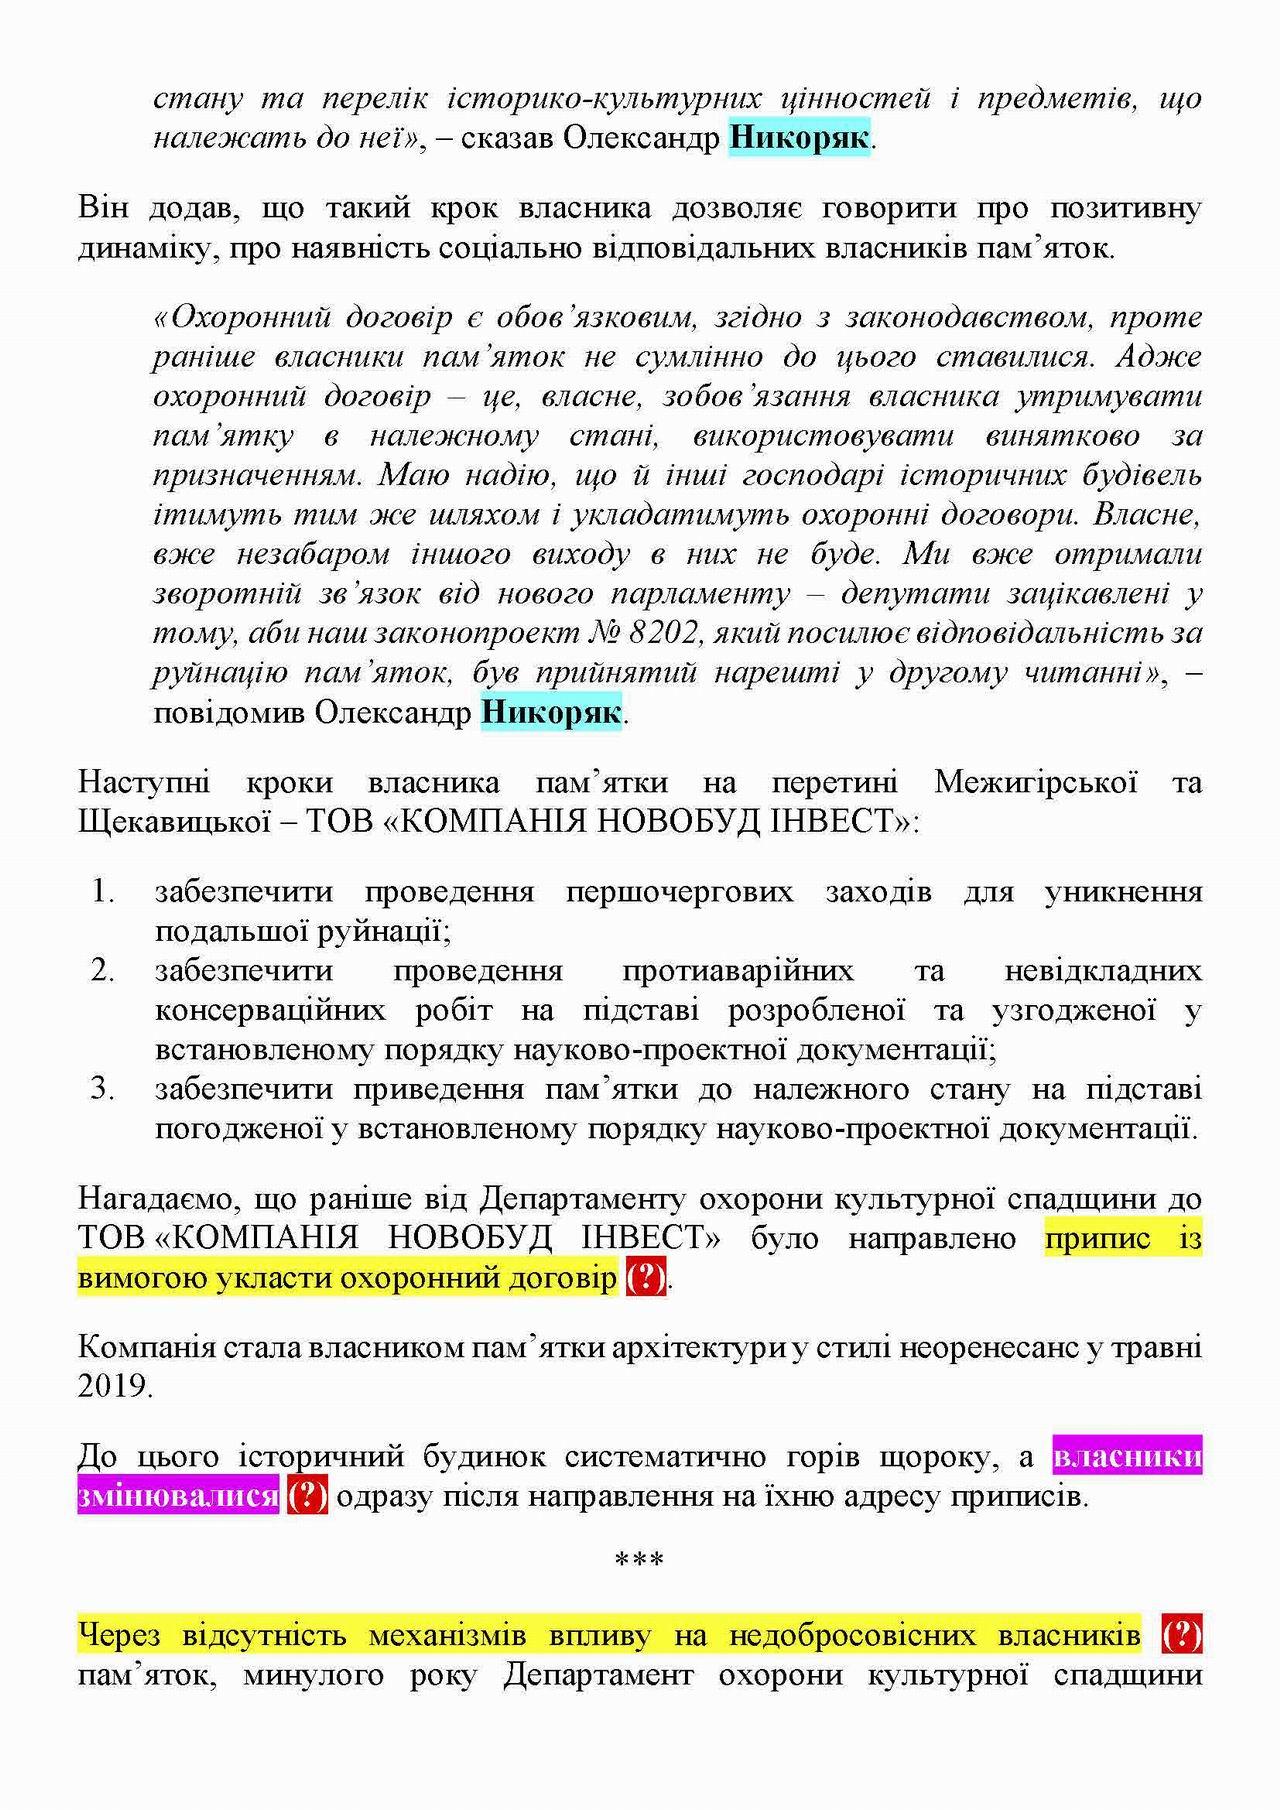 КМДА новини Меж 33_19 стор-2